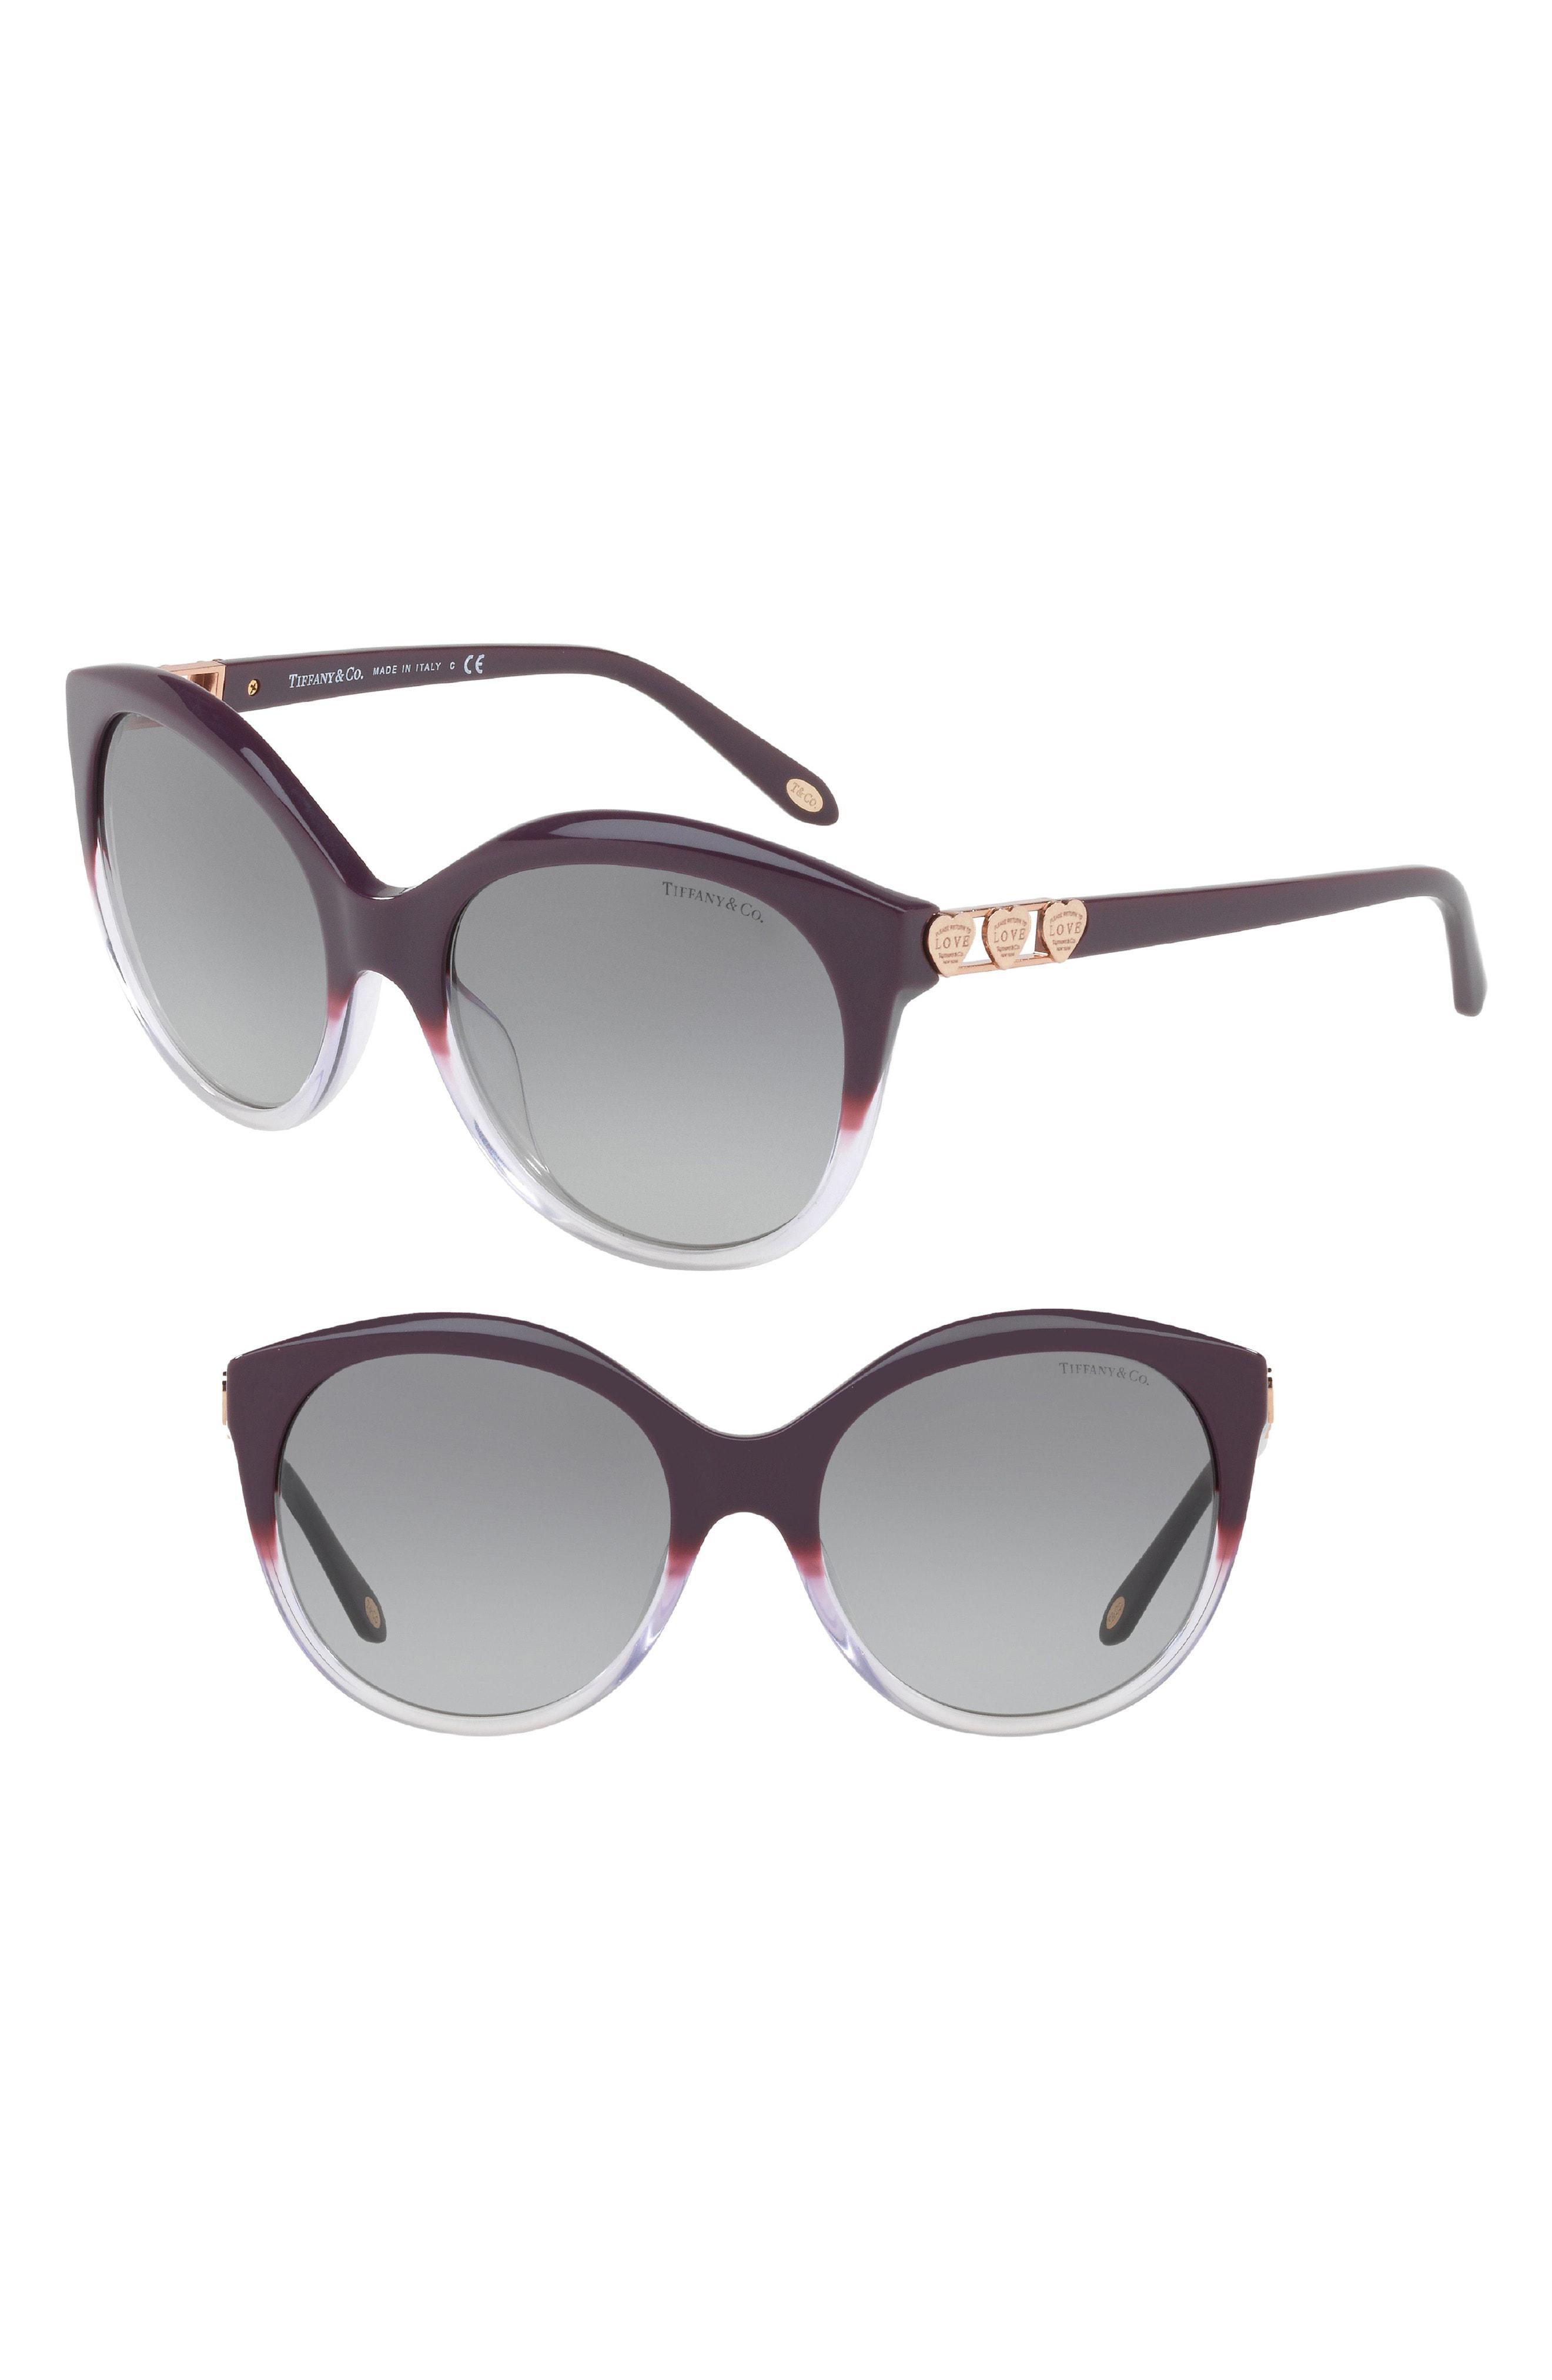 5236e1ca17 Lyst - Tiffany   Co. 56mm Sunglasses - Purple Gradient